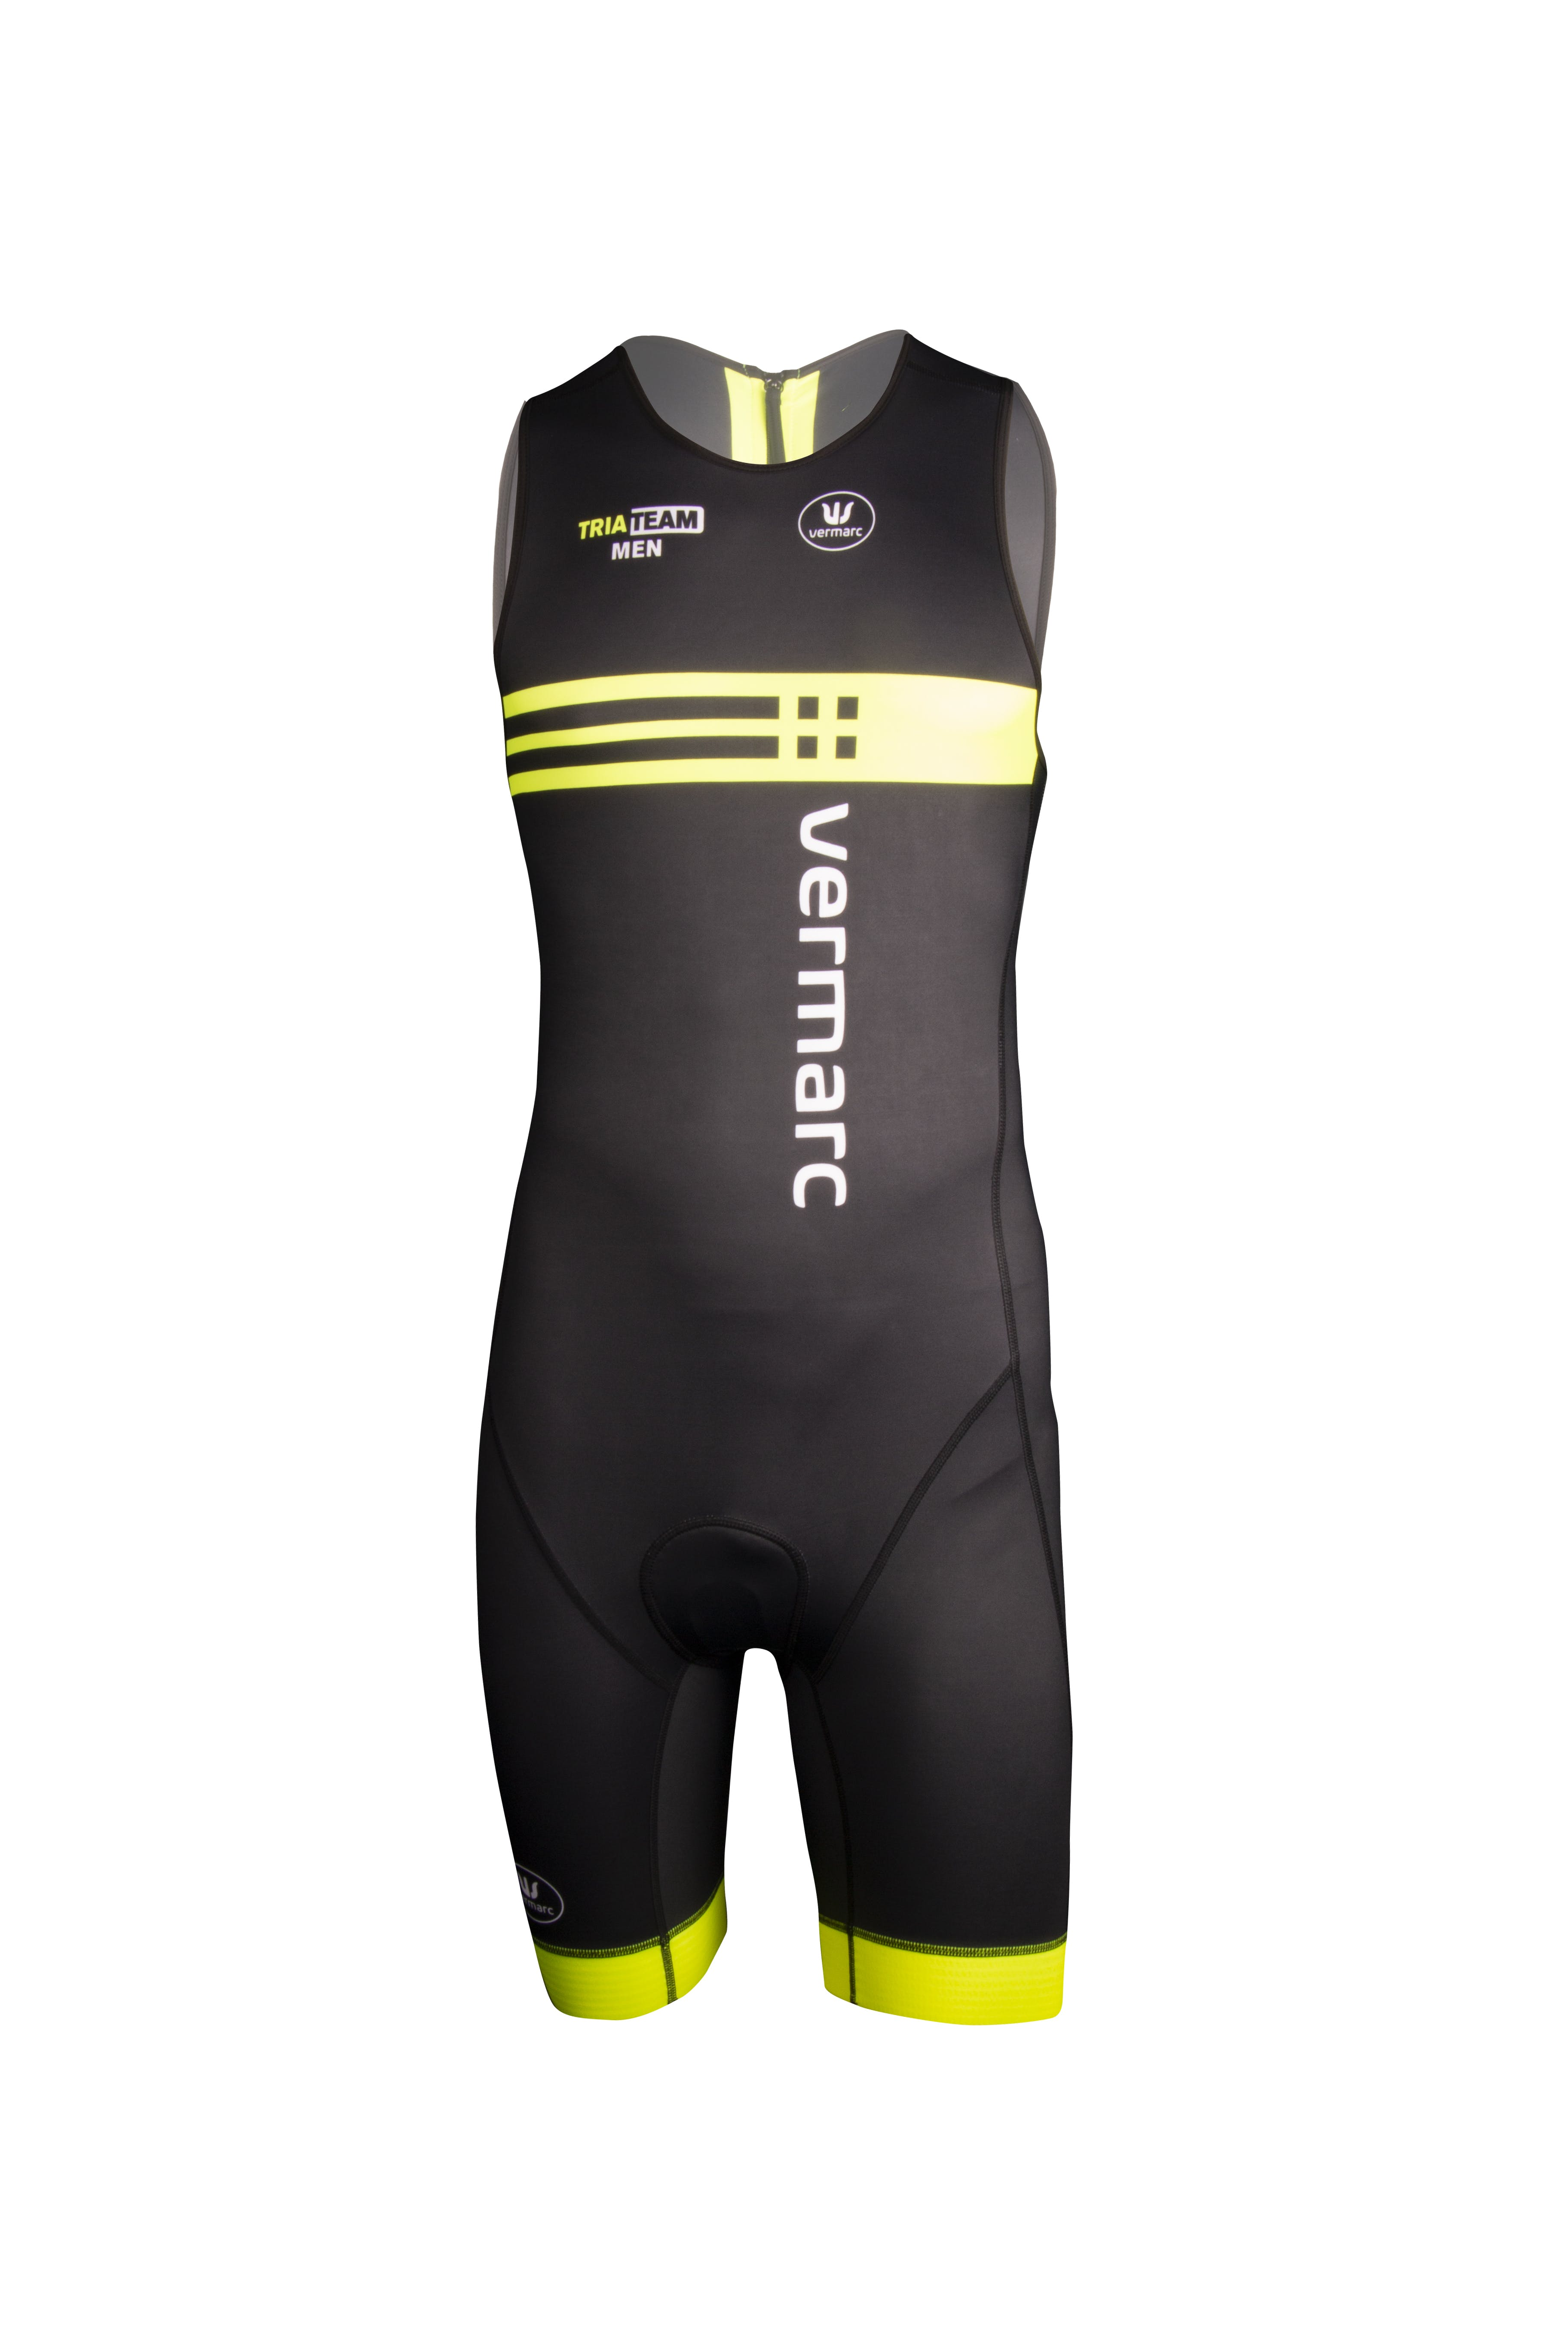 Tria Suit Olympic PR.R